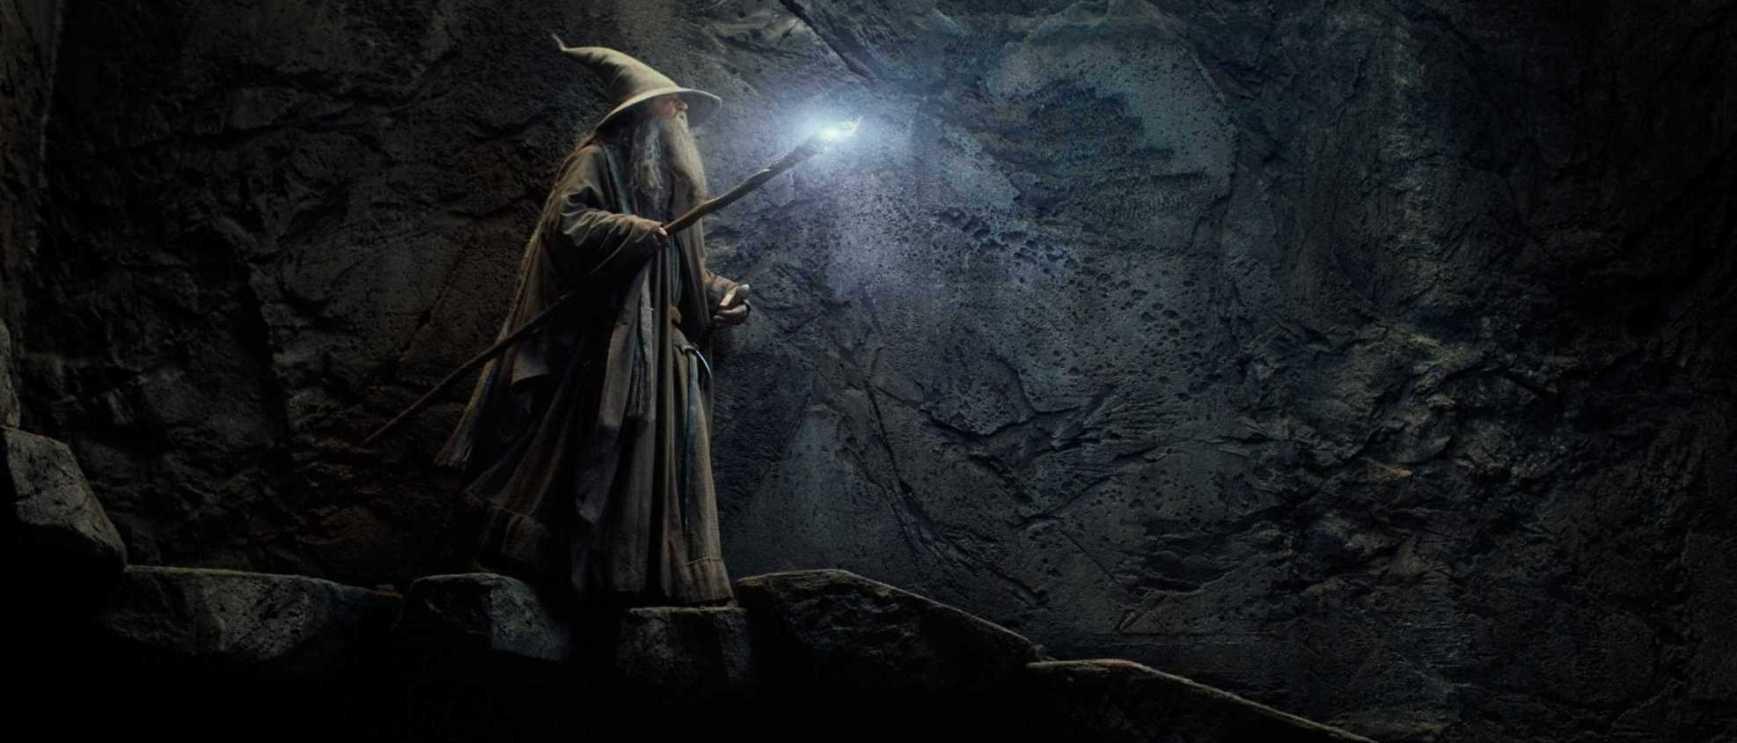 Lo Hobbit - La desolazione di Smaug di Peter Jackson con Ian McKellen, Martin Freeman, Richard Armitage, Ken Stott, Evangeline Lilly, Cate Blanchett streaming 02 Lo Hobbit La desolazione di Smaug frasi citazioni e dialoghi